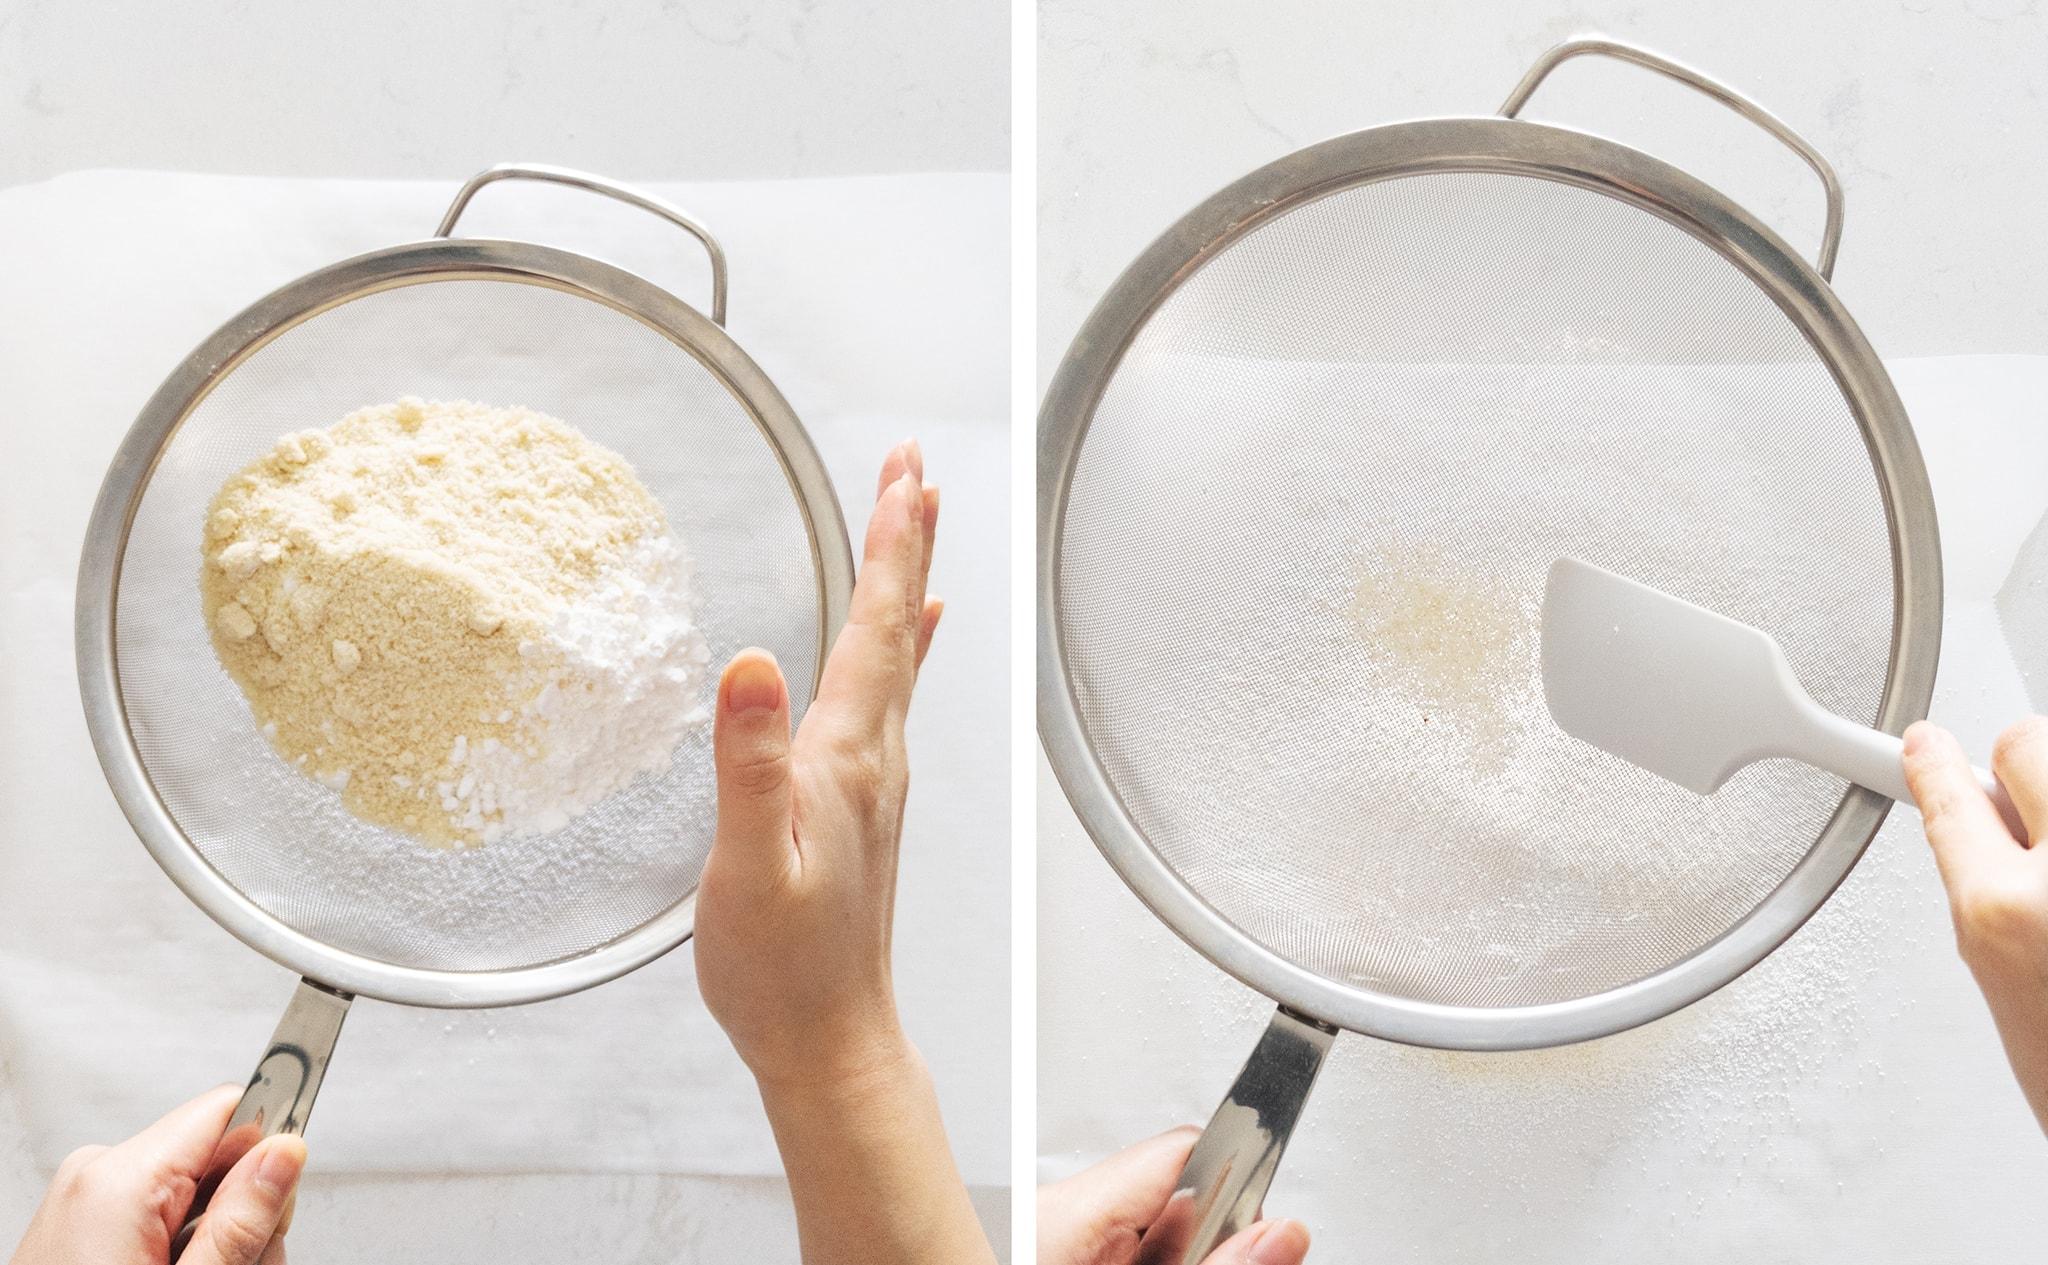 sifting almond flour through a sieve